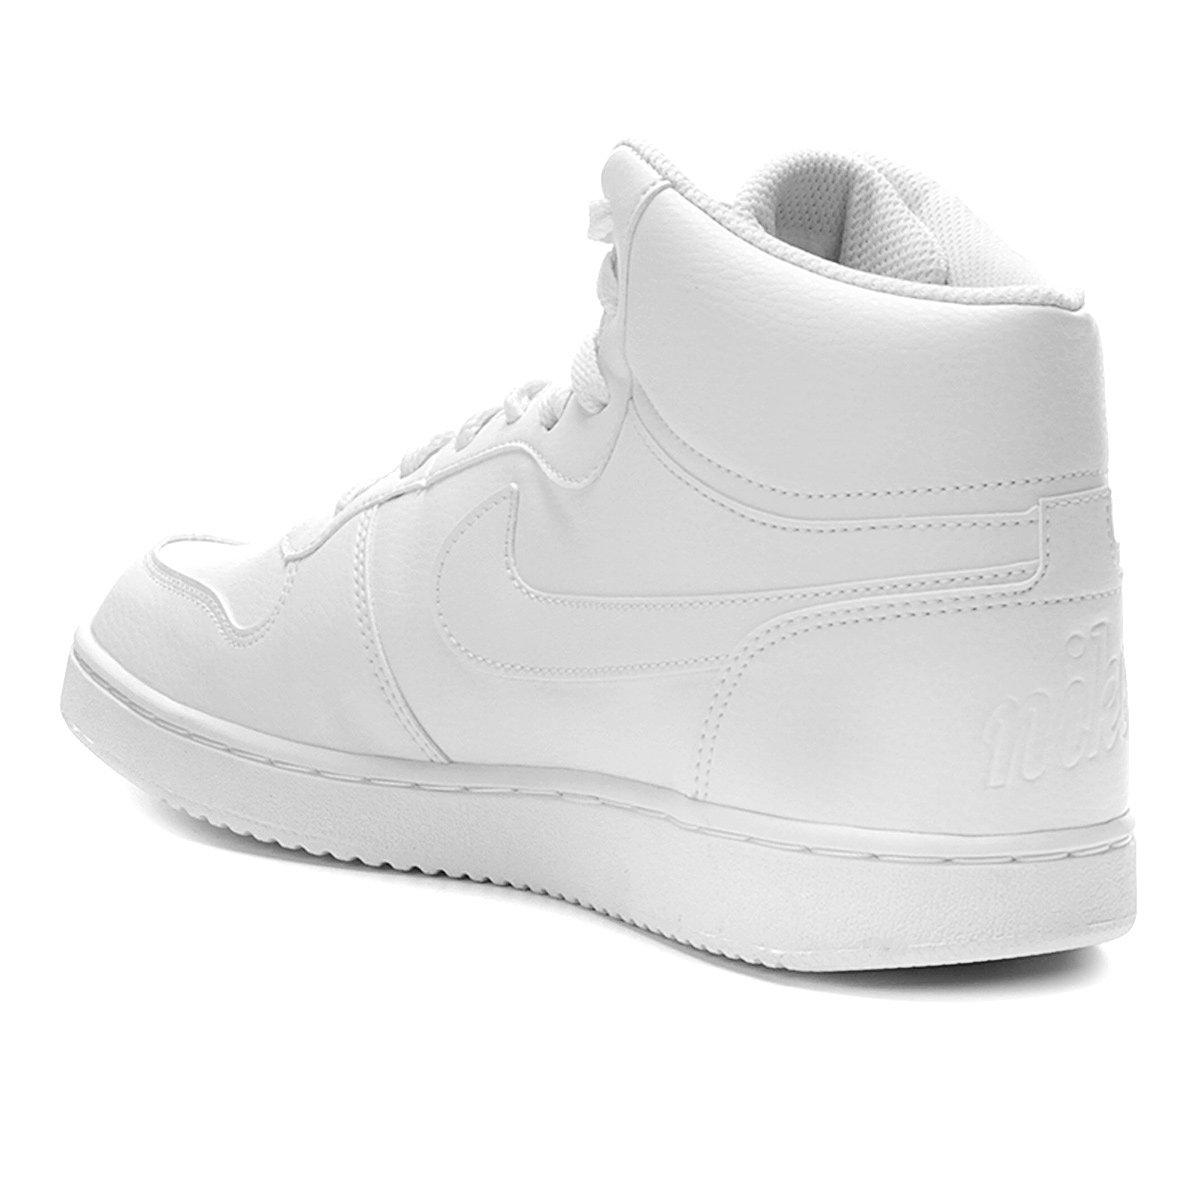 Tênis Couro Cano Alto Nike Ebernon Mid Masculino - Branco - Compre ... b76bdbc8d3834